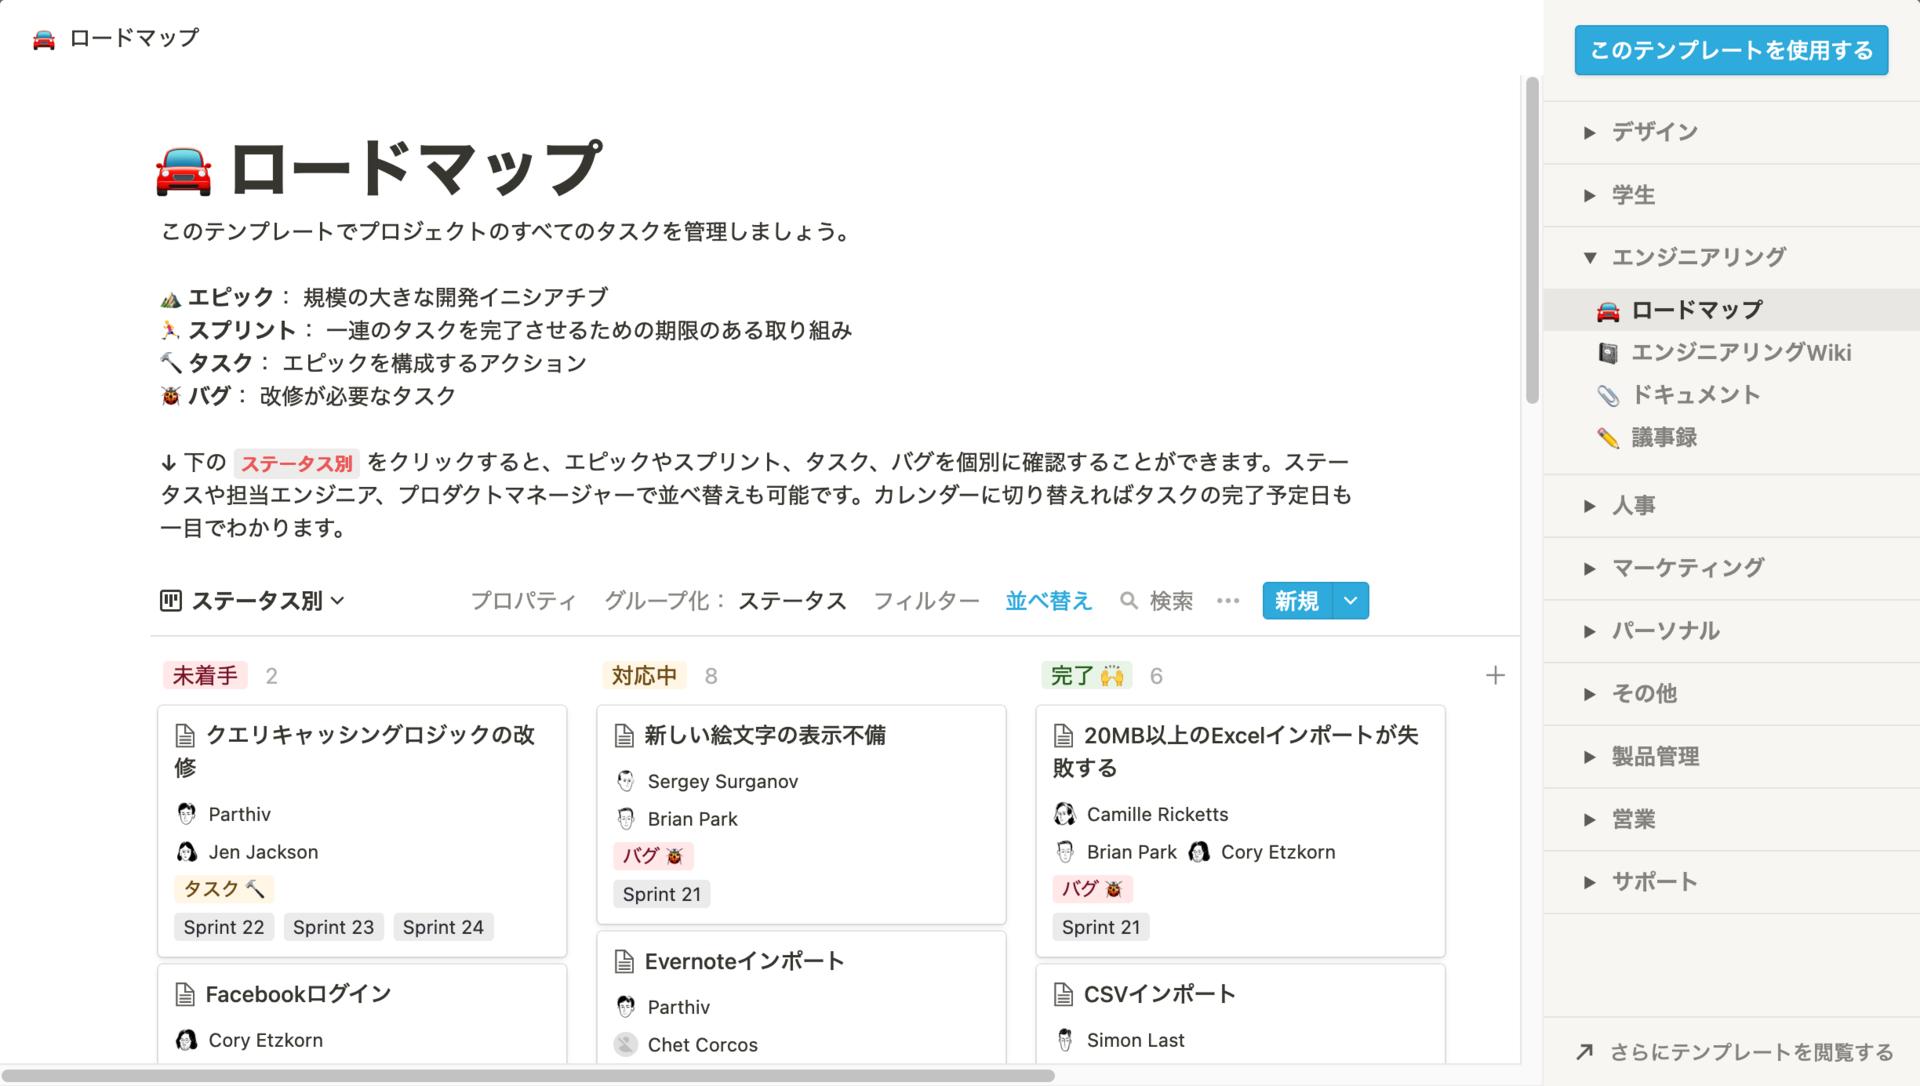 f:id:aokashi:20211013215244p:plain